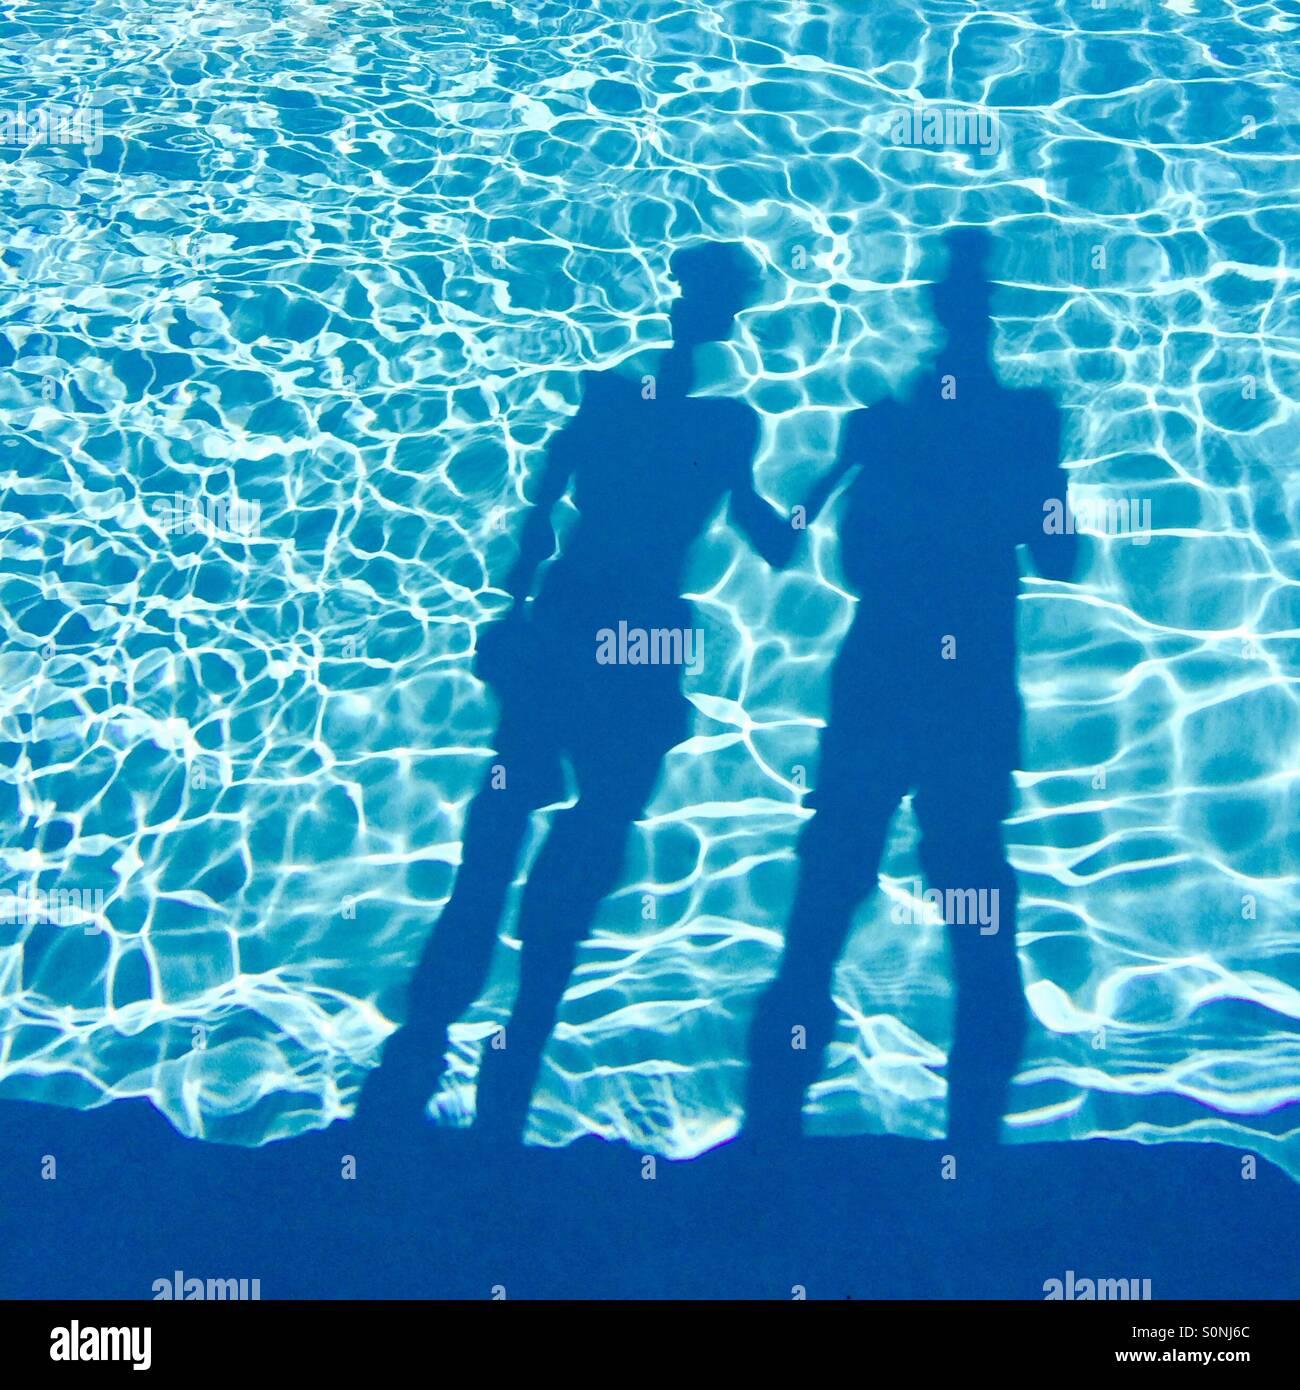 Schatten von ein Paar im Urlaub stand neben einem Swimmingpool. Stockbild